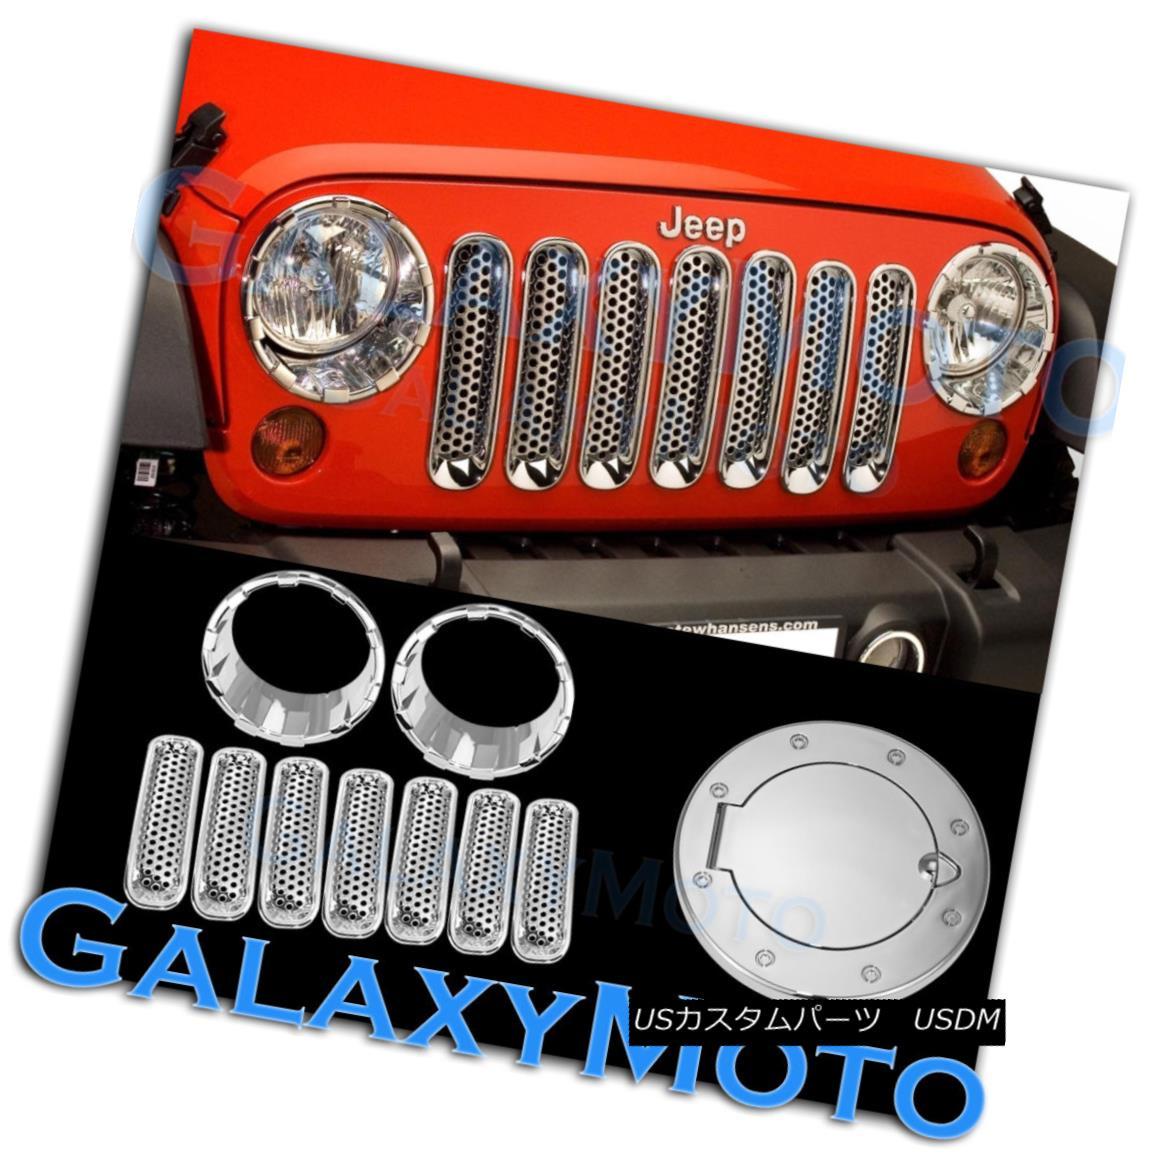 グリル Chrome Headlight+Front Mesh Grille+Gas w/Magnet Cover fit 07-17 Jeep Wrangler JK クロームヘッドライト+フロンメッシュグリル+マグネットカバー付きガス07-17 Jeep Wrangler JK